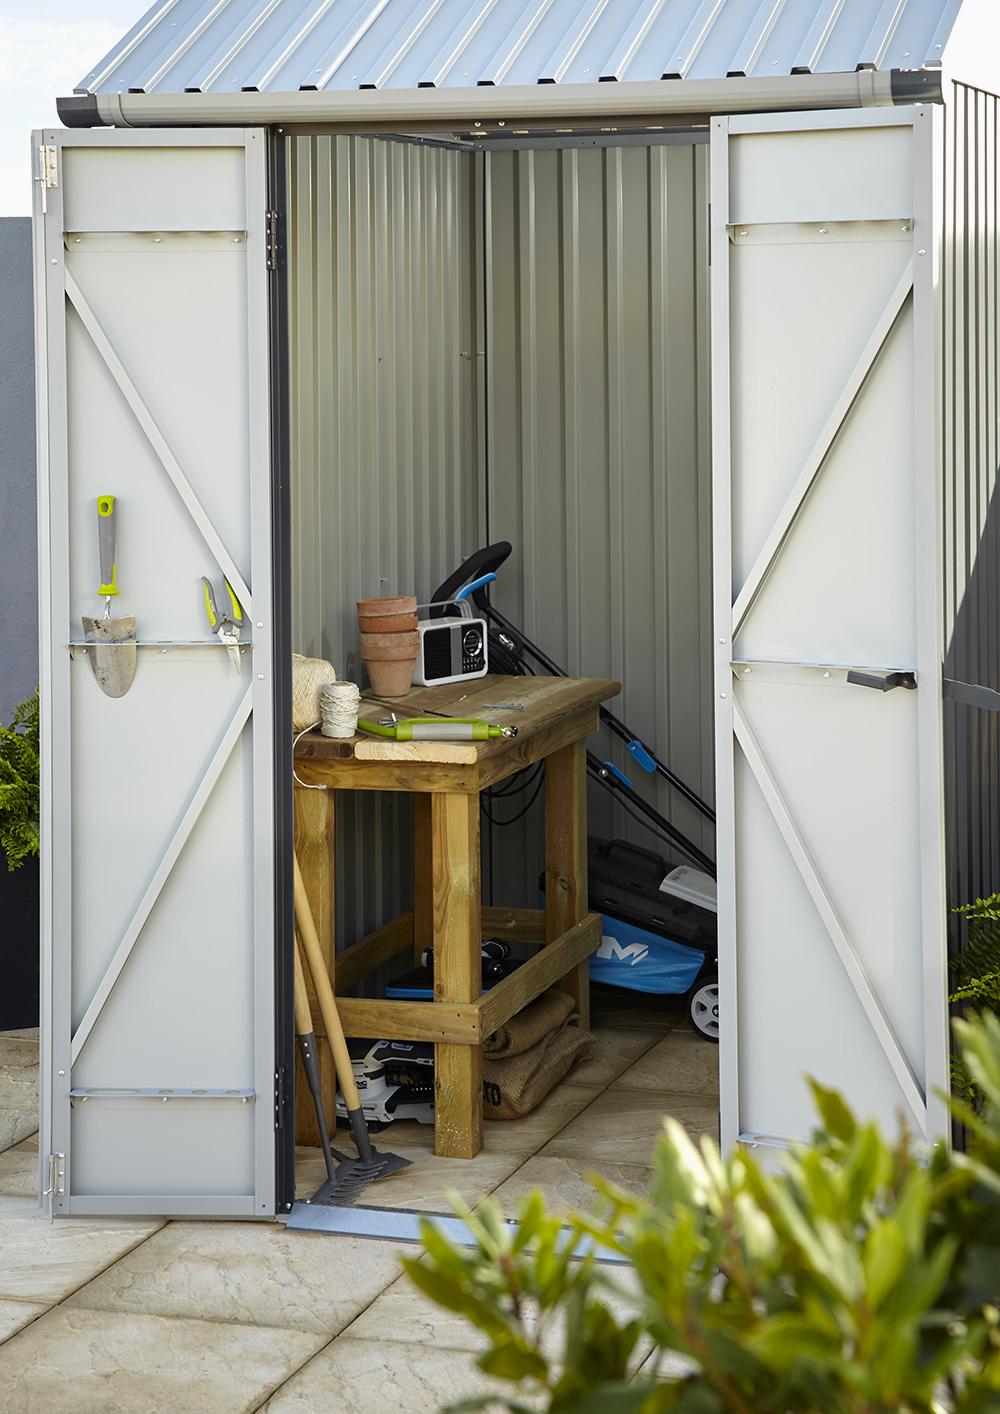 Impressionnant Abri De Jardin Boite A Outils destiné Cabane De Plage Pour Jardin